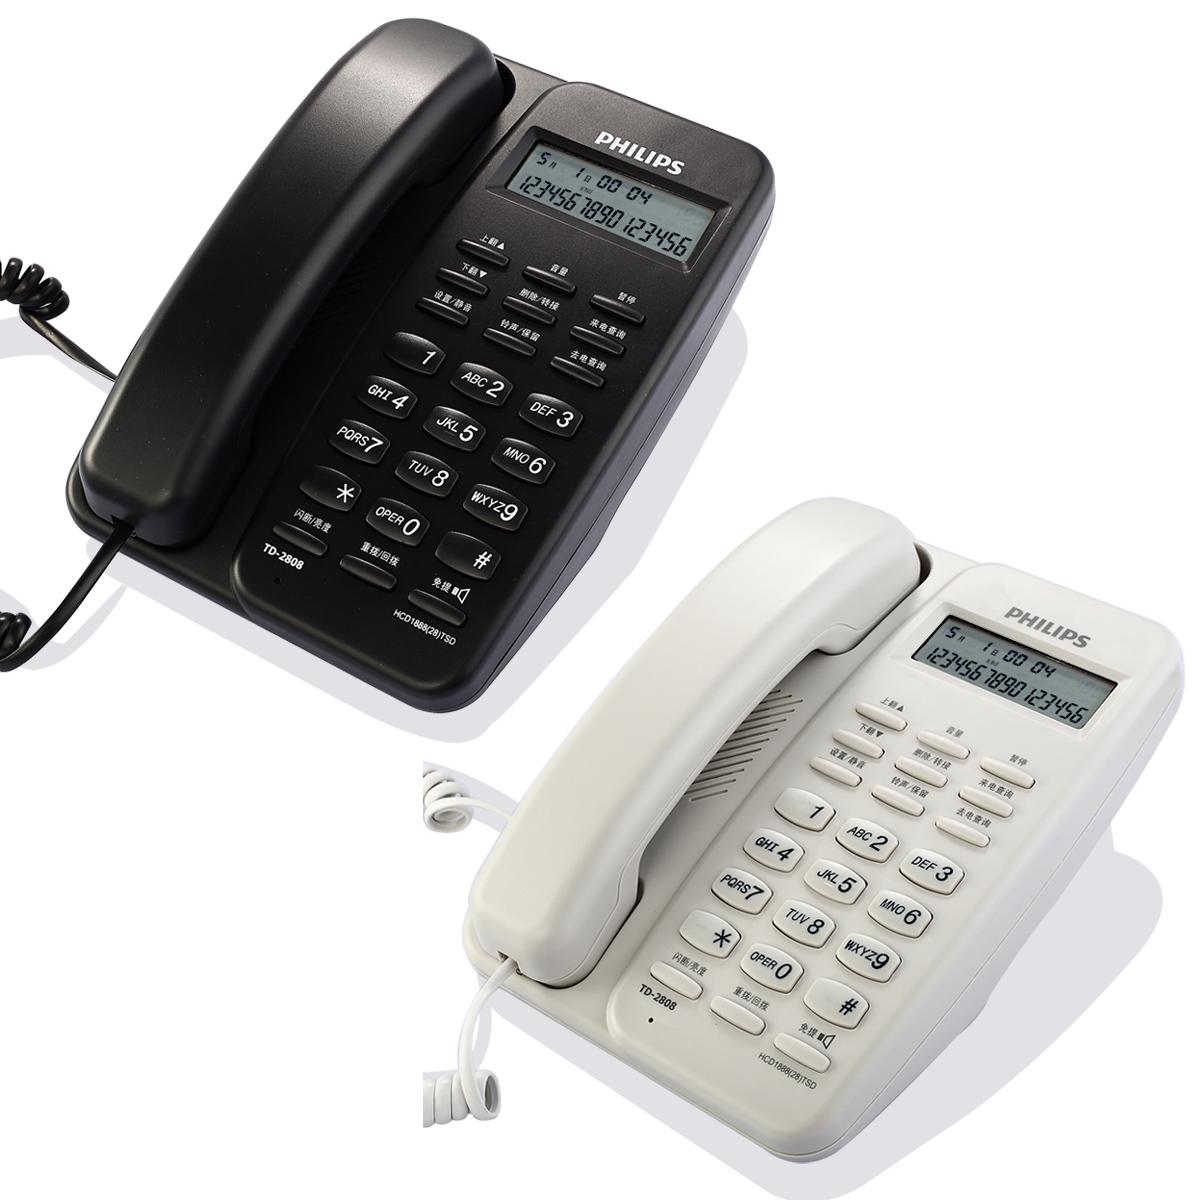 飞利浦 电话机 TD-2808 免电池 欧式家用办公固定电话座机 正品